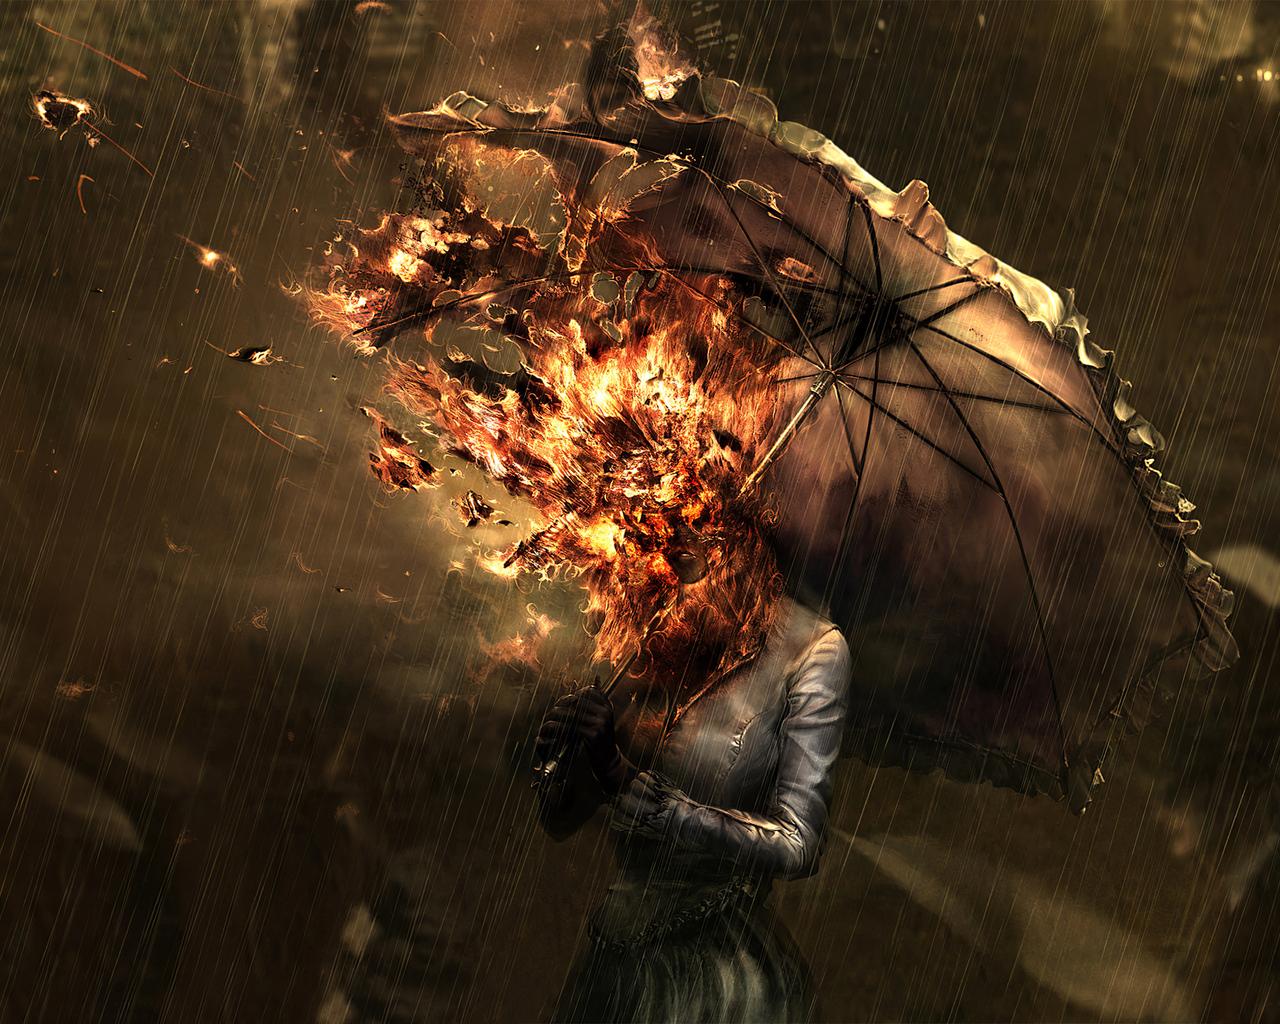 burning-face-umbrella-4k-b1.jpg